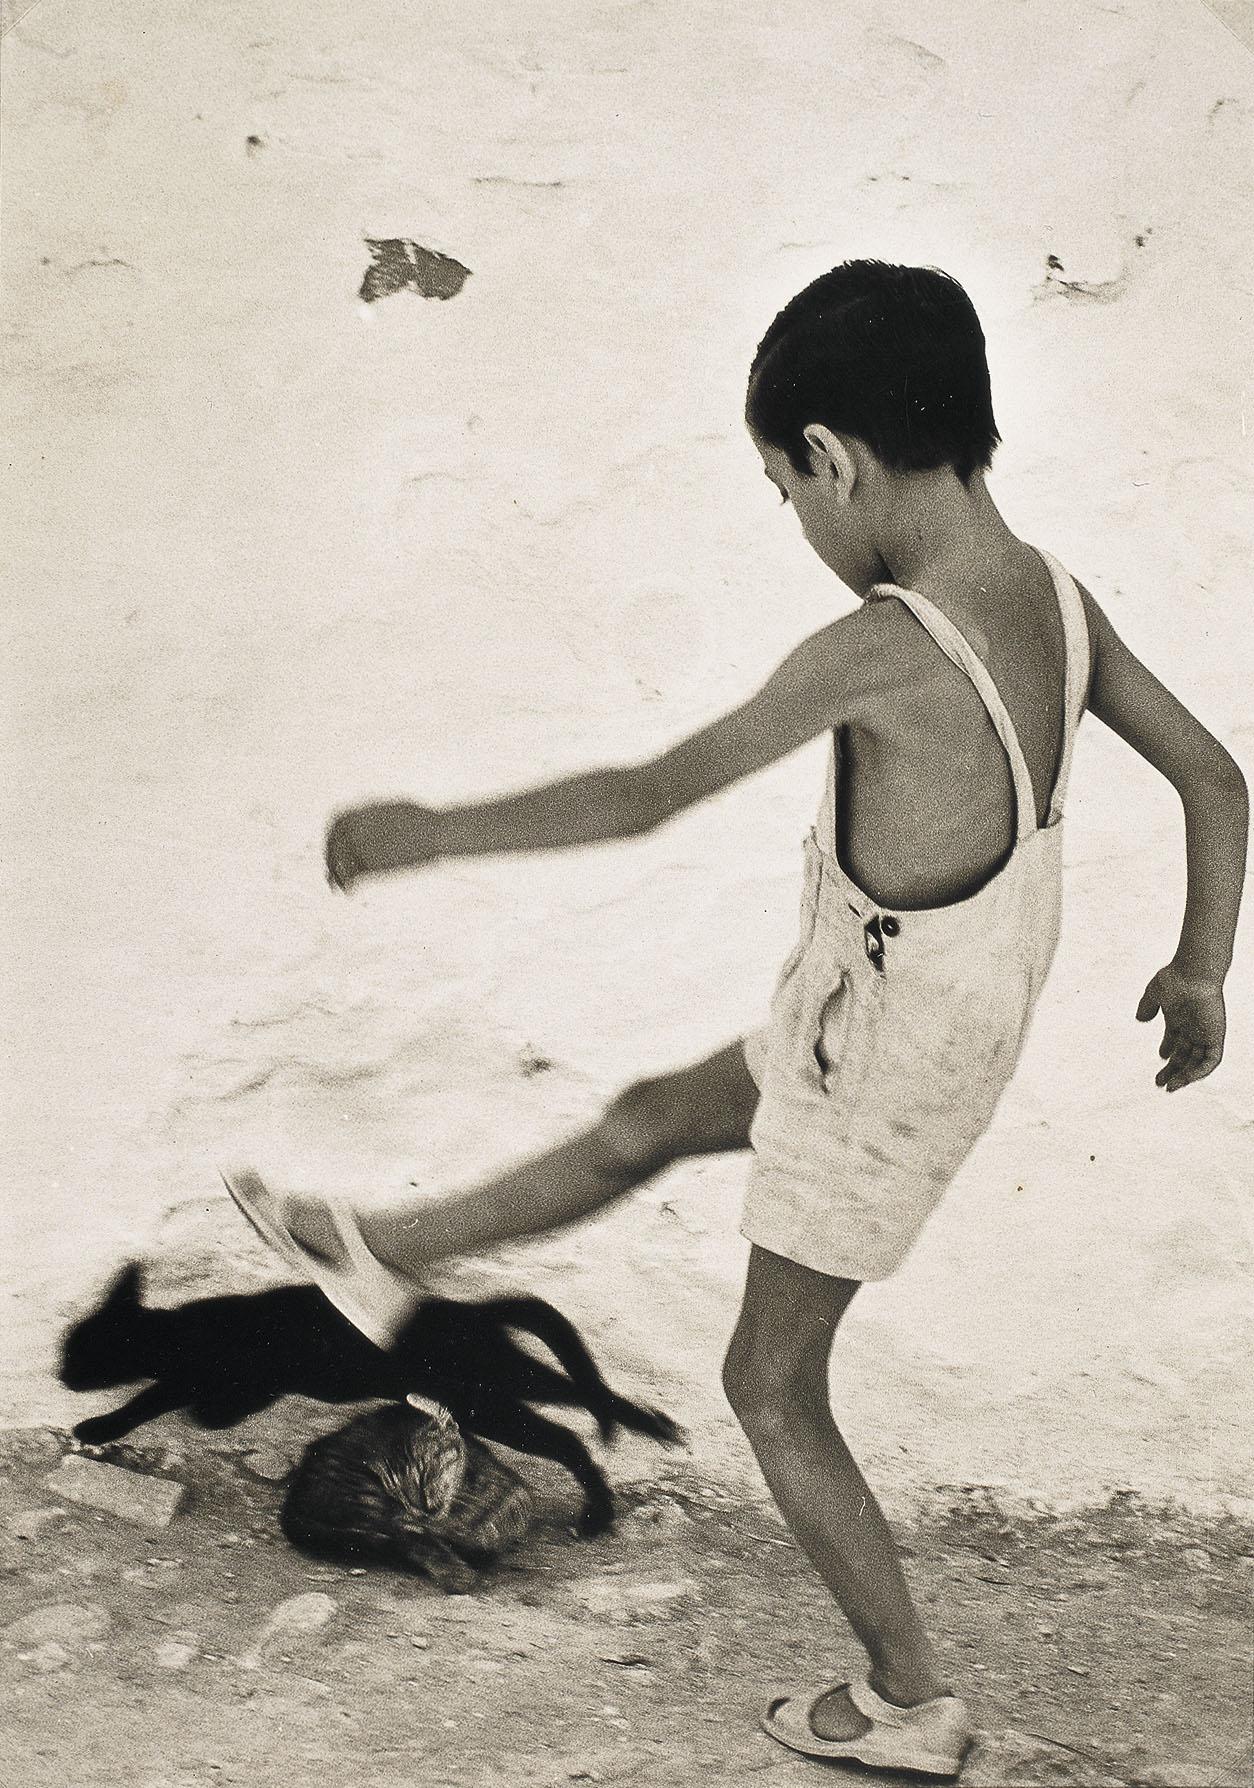 Oriol Maspons - Nen d'Eivissa - 1954